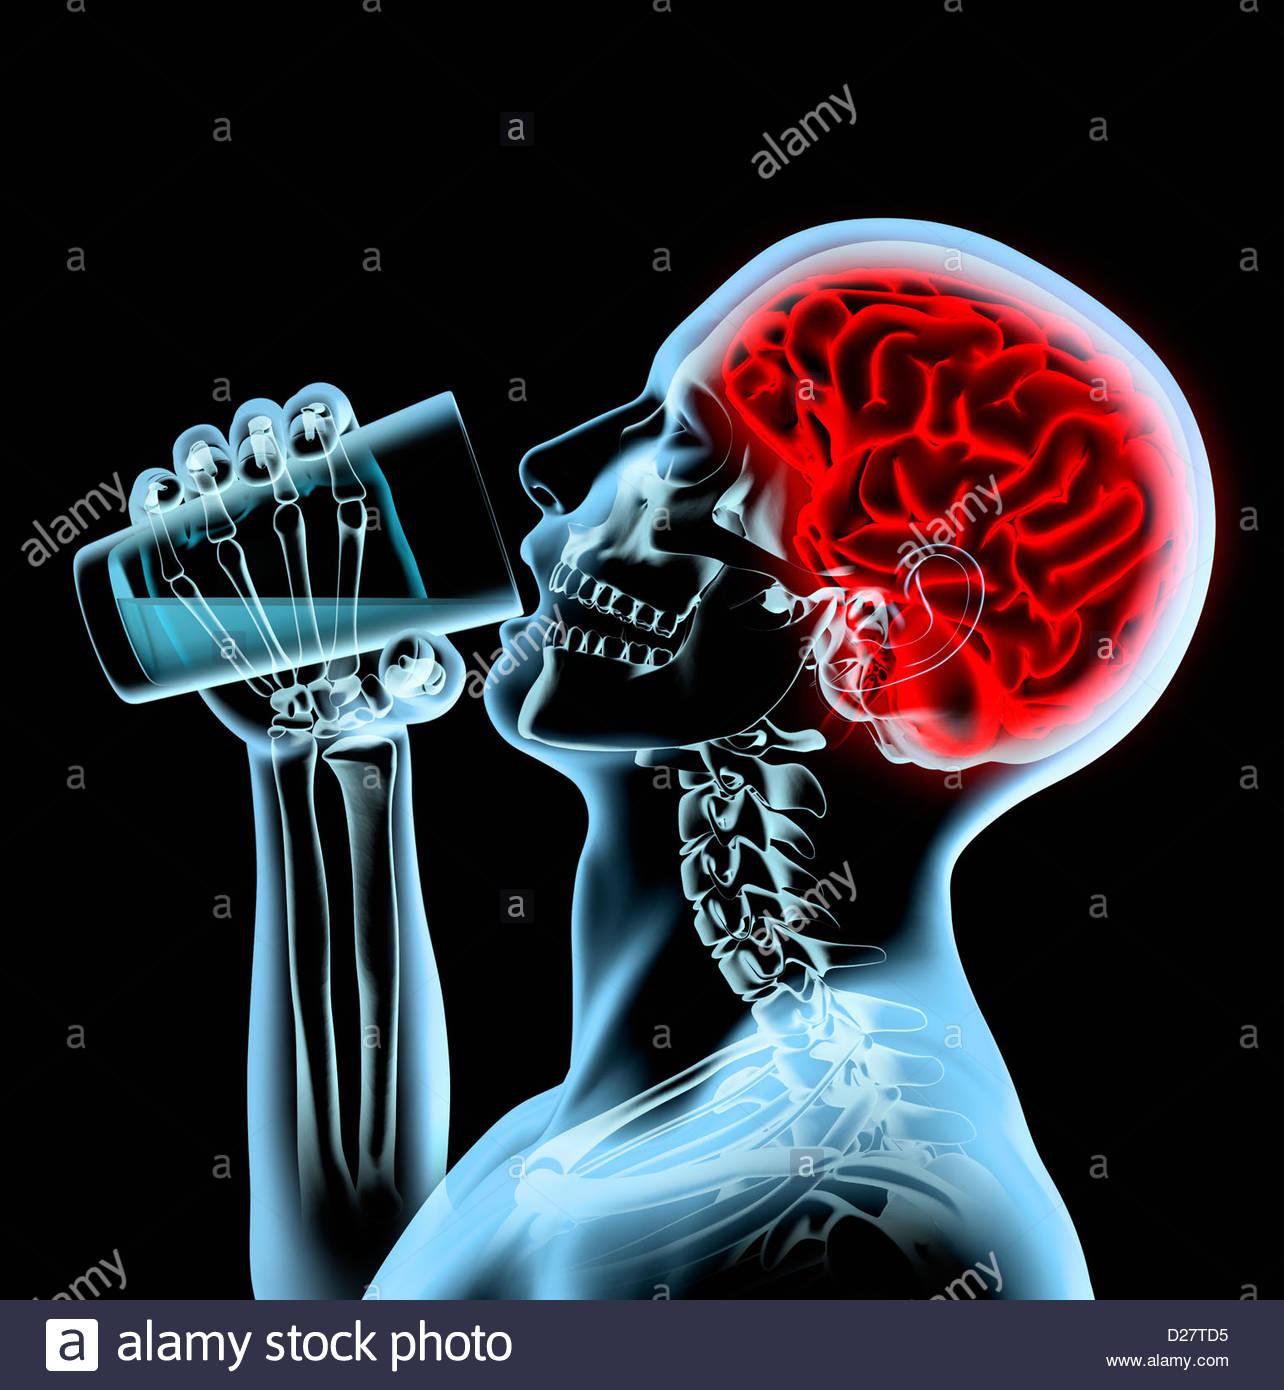 X-ray Mann mit roten Gehirn trinken aus Glas Stockbild